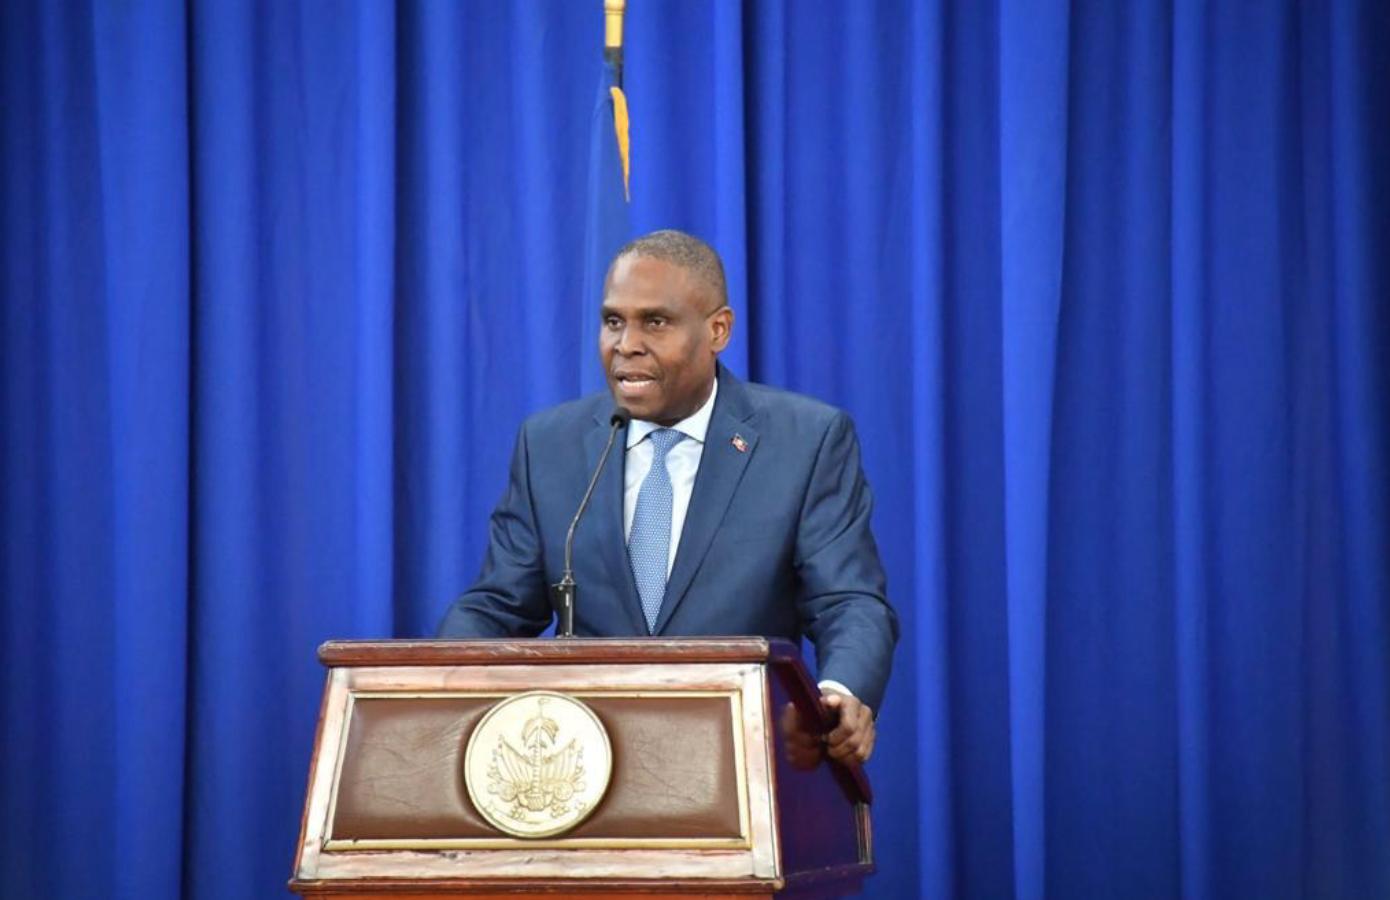 Haïti: Le gouvernement présente des mesures économiques pour apaiser la colère des Haïtiens